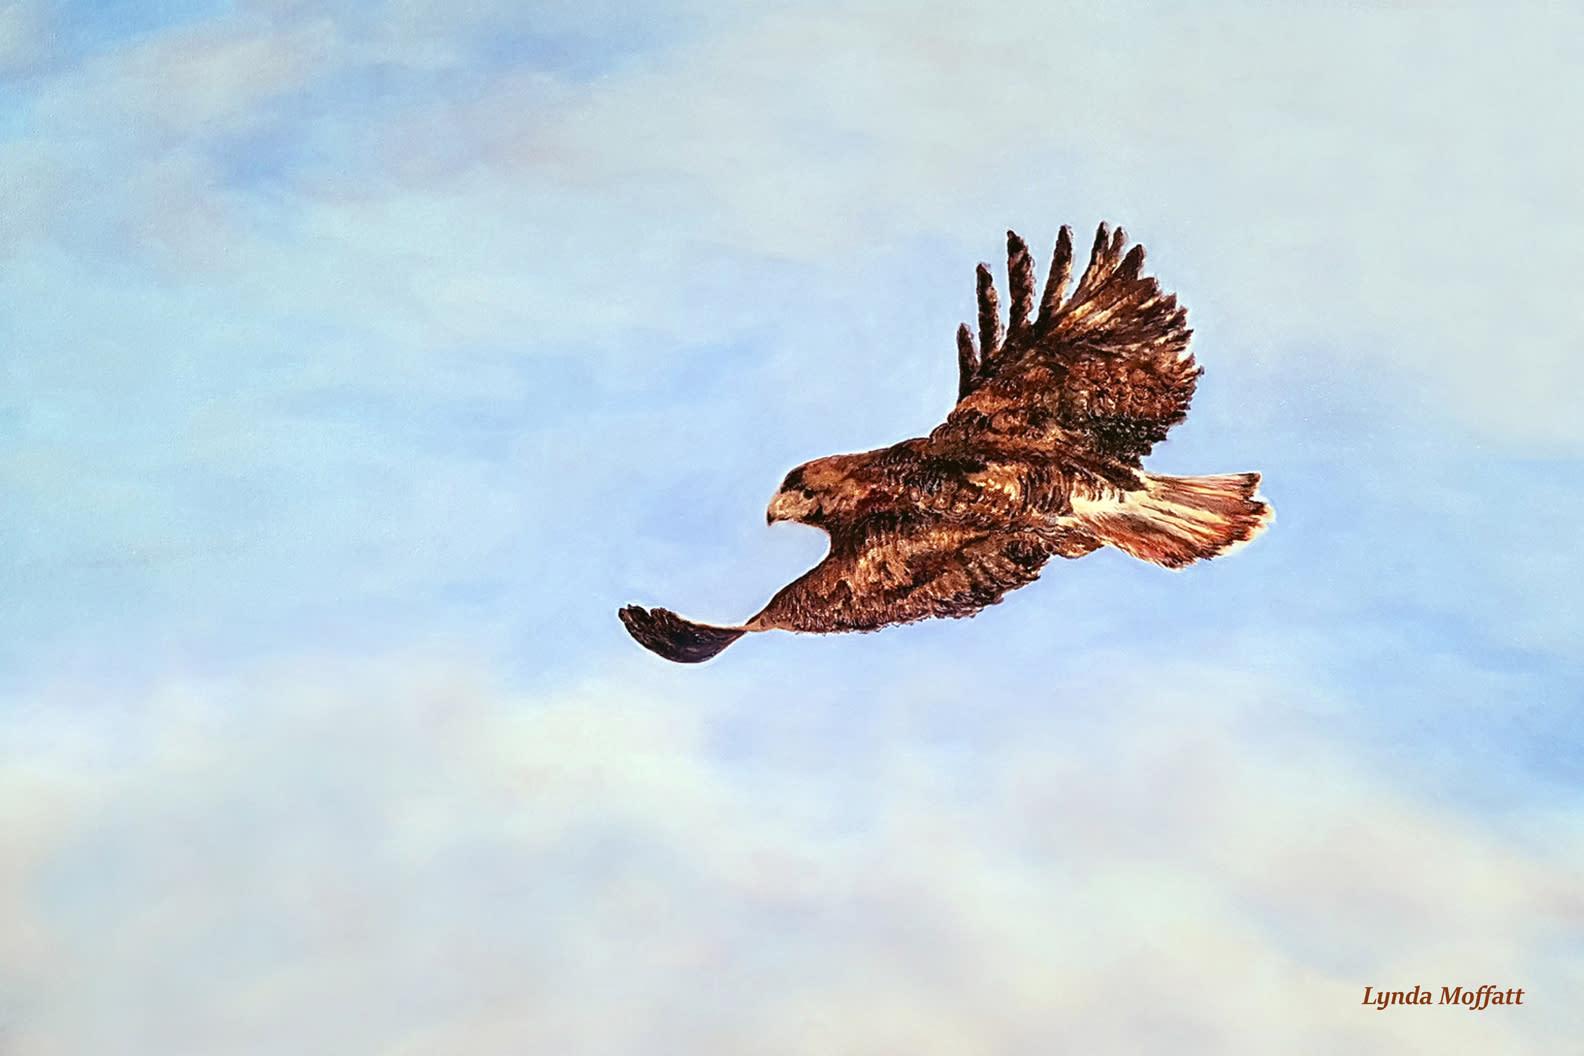 Redtailedhawk zuts9k